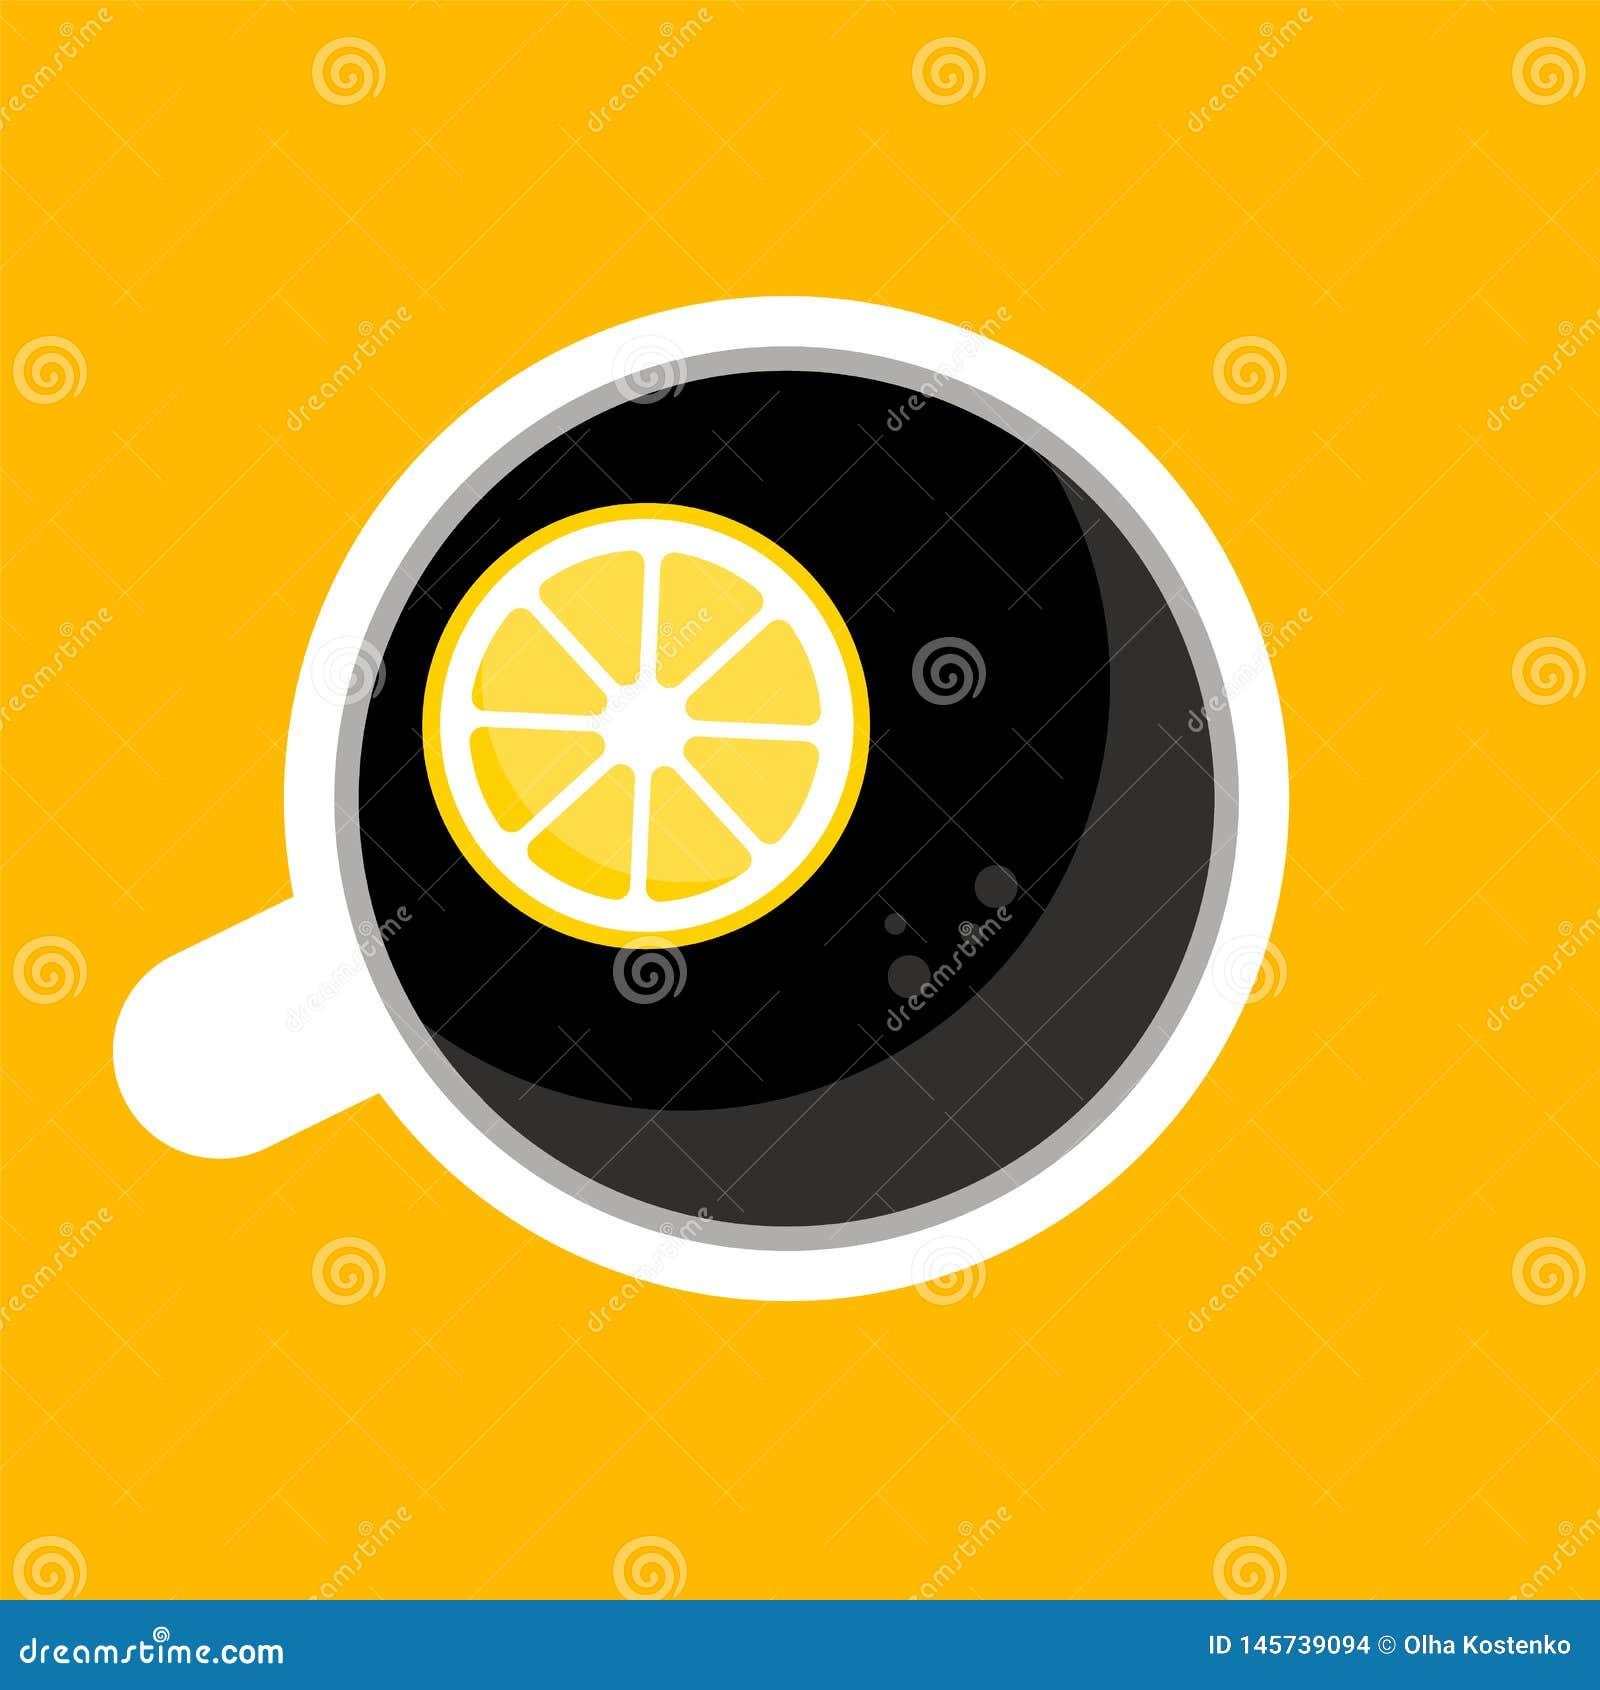 Top view of coffee, tea cup, mug with half of lemon